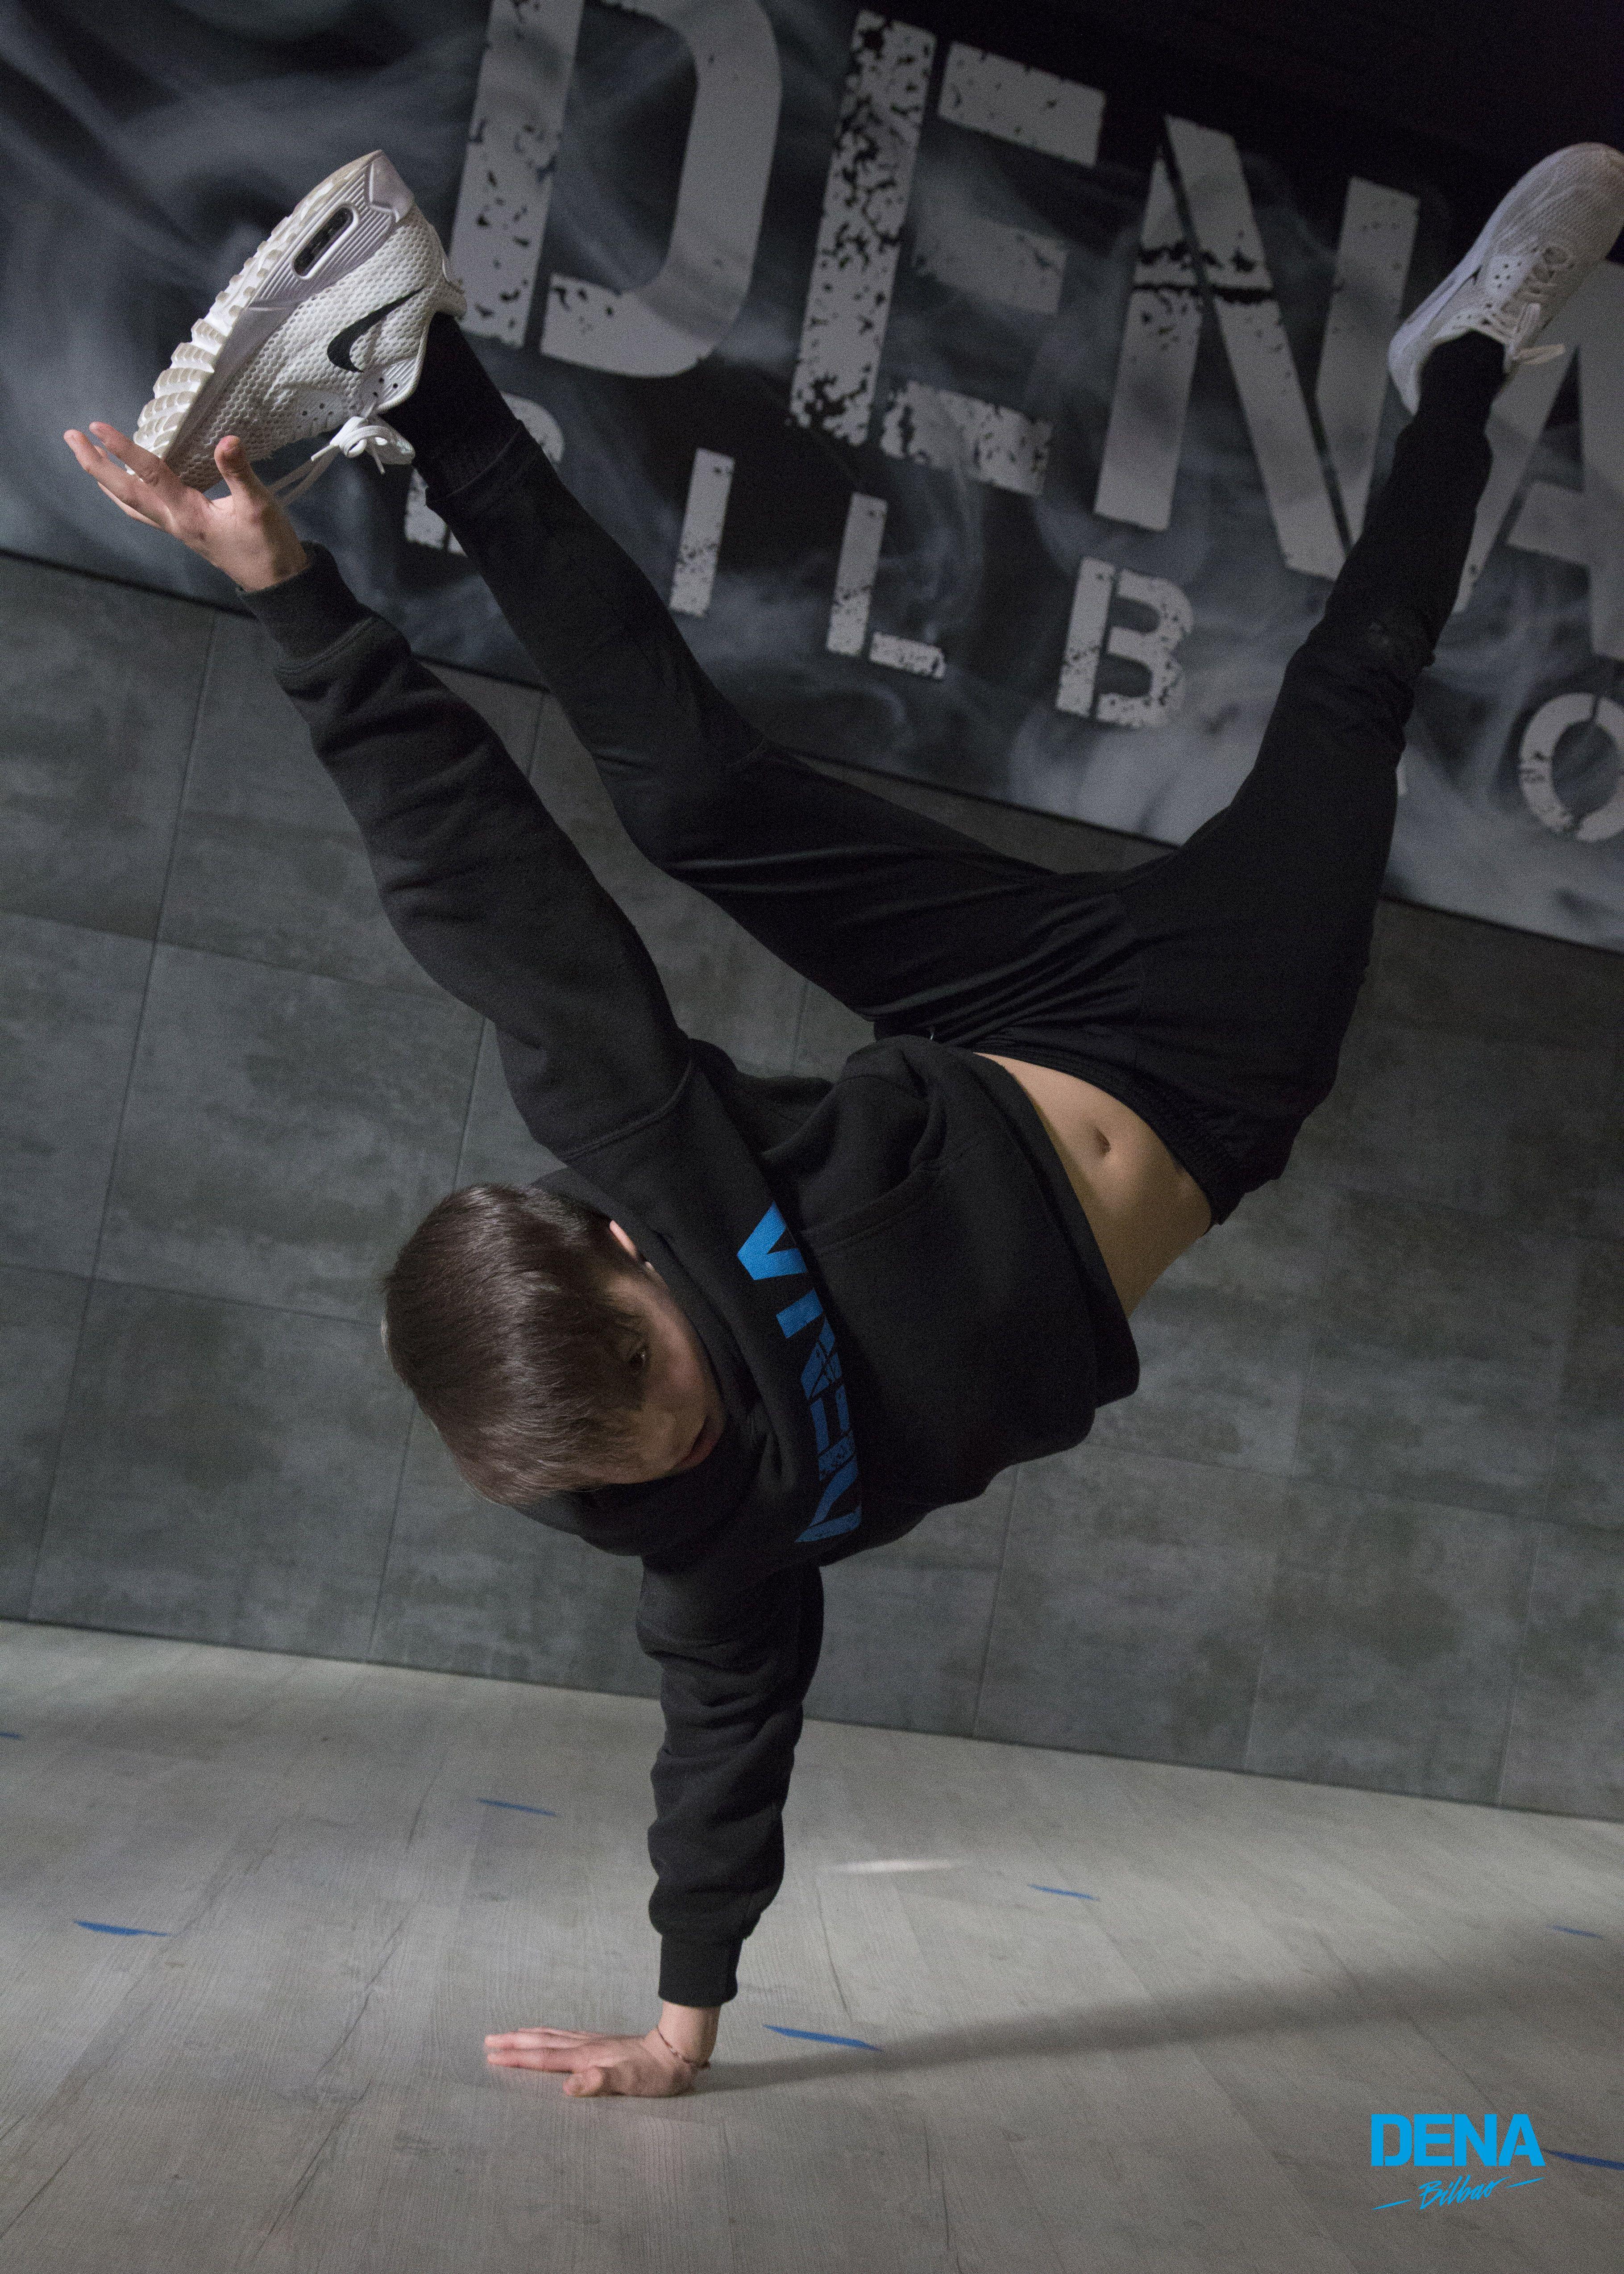 pruebas de baile de patinaje sobre diabetes